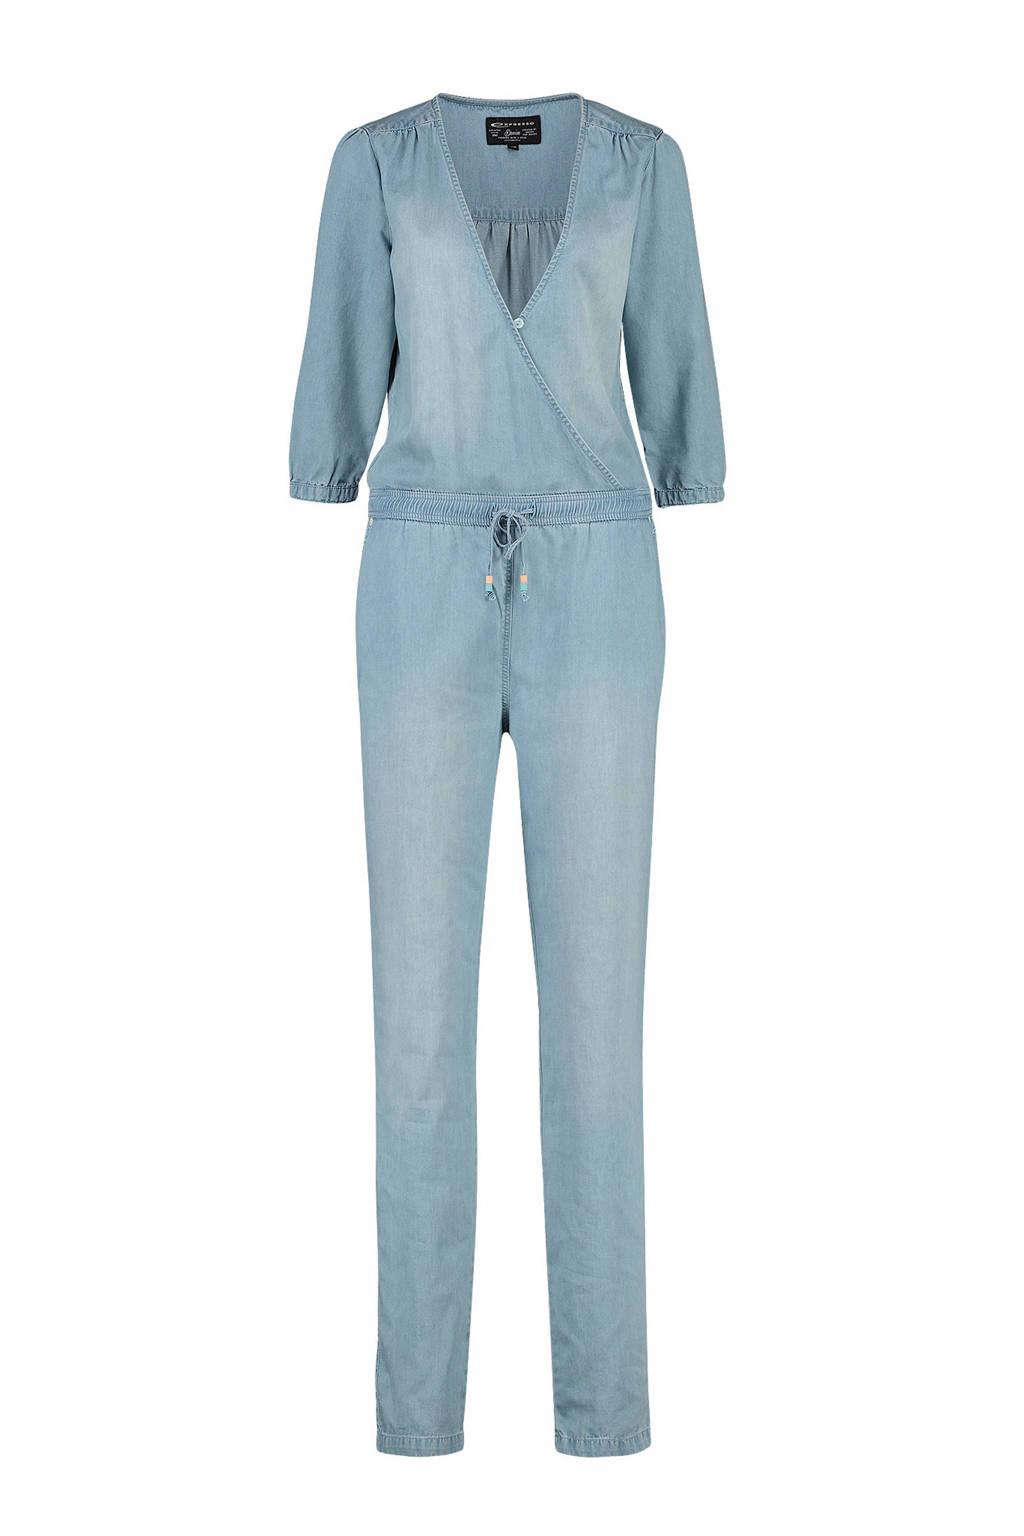 Expresso jumpsuit Dionne in denim look, Lichtblauw